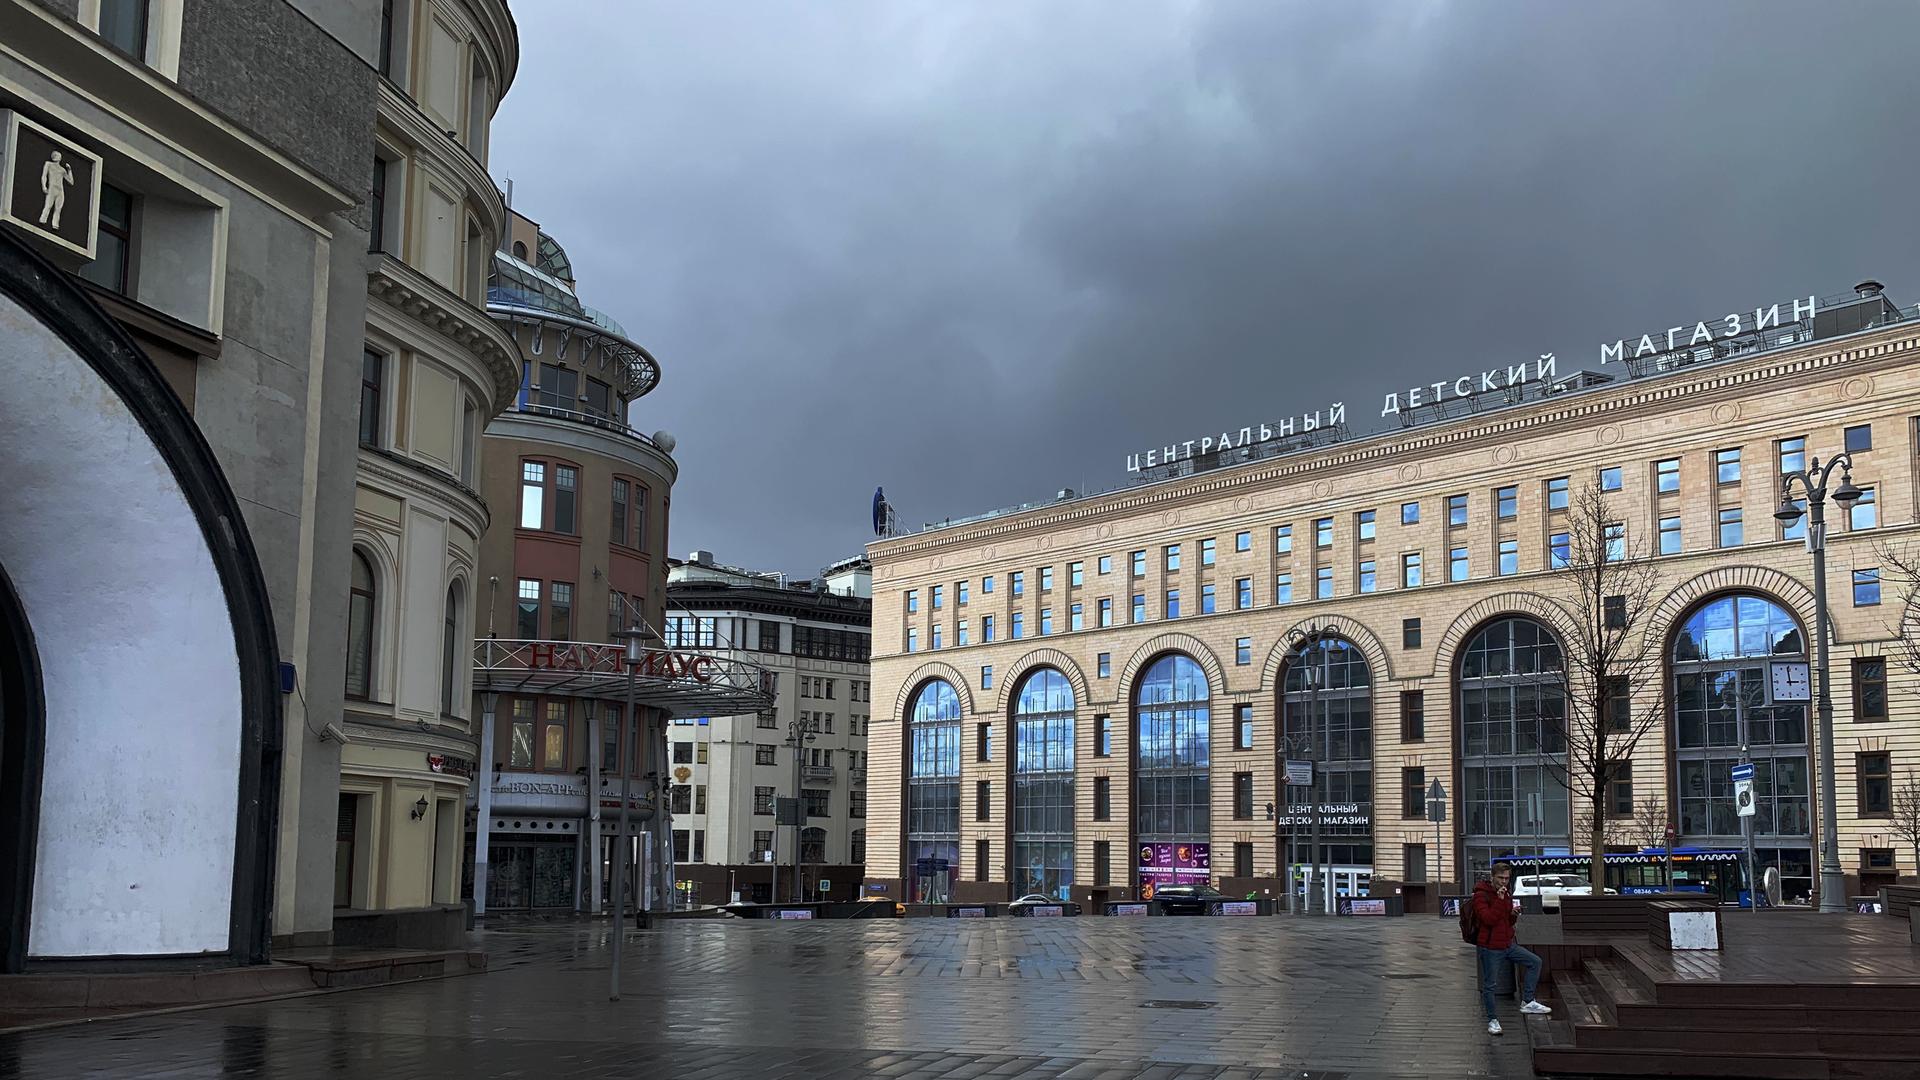 Вид на Центральнай детский магазин в Москве - РИА Новости, 1920, 05.10.2020